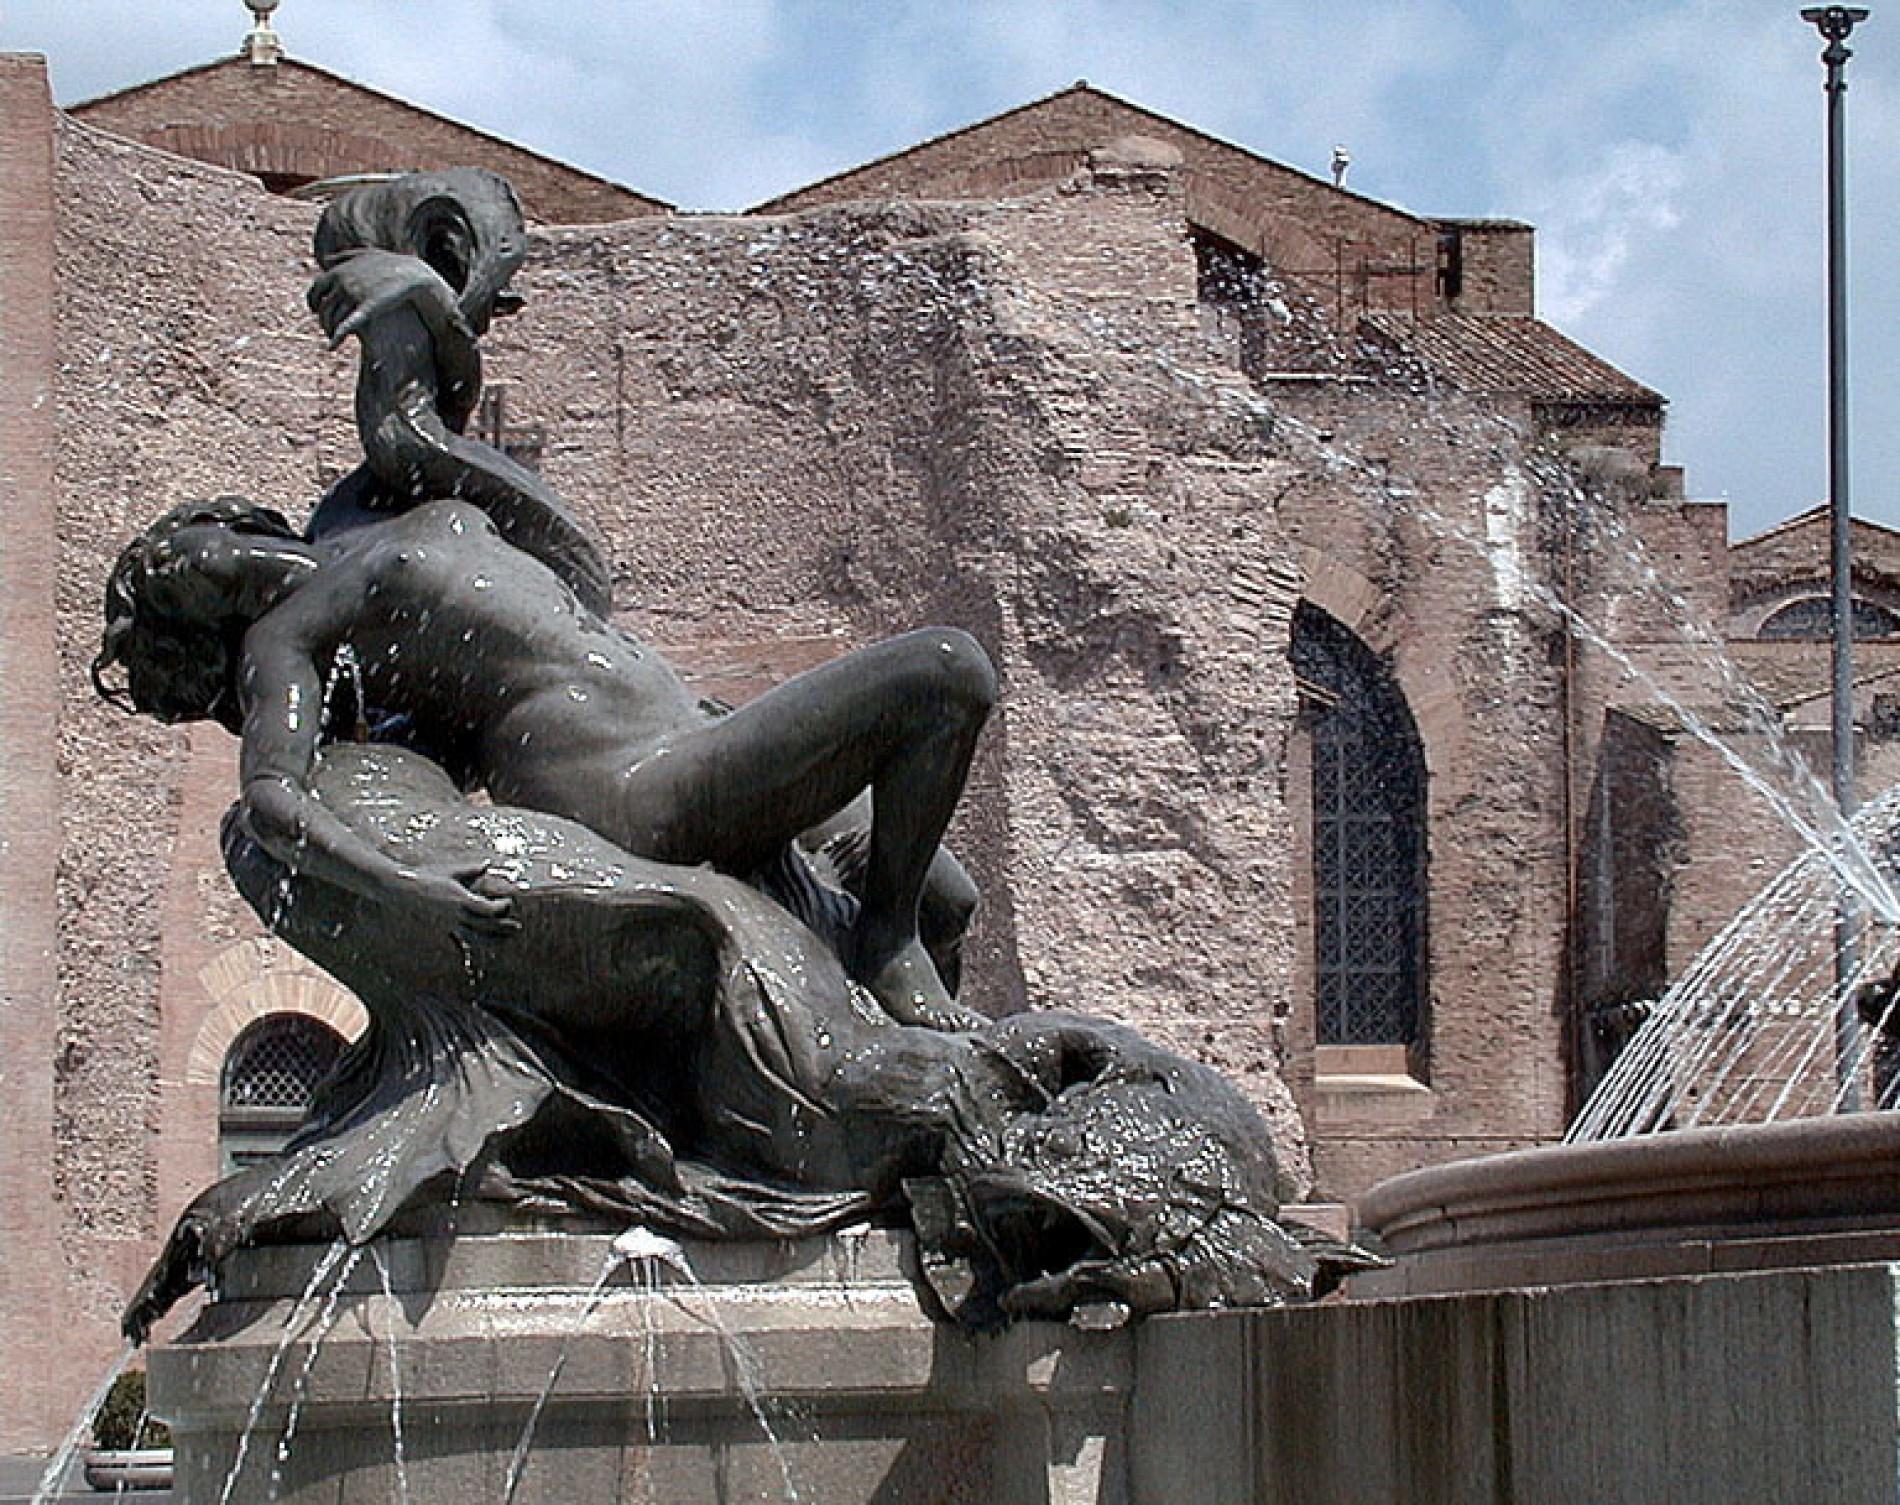 L'OCCHIOLINO DI ROMA BY VERONICA PIRACCINI. LA VACANZA ATTIVA... IMMERSI NELL' ARTE